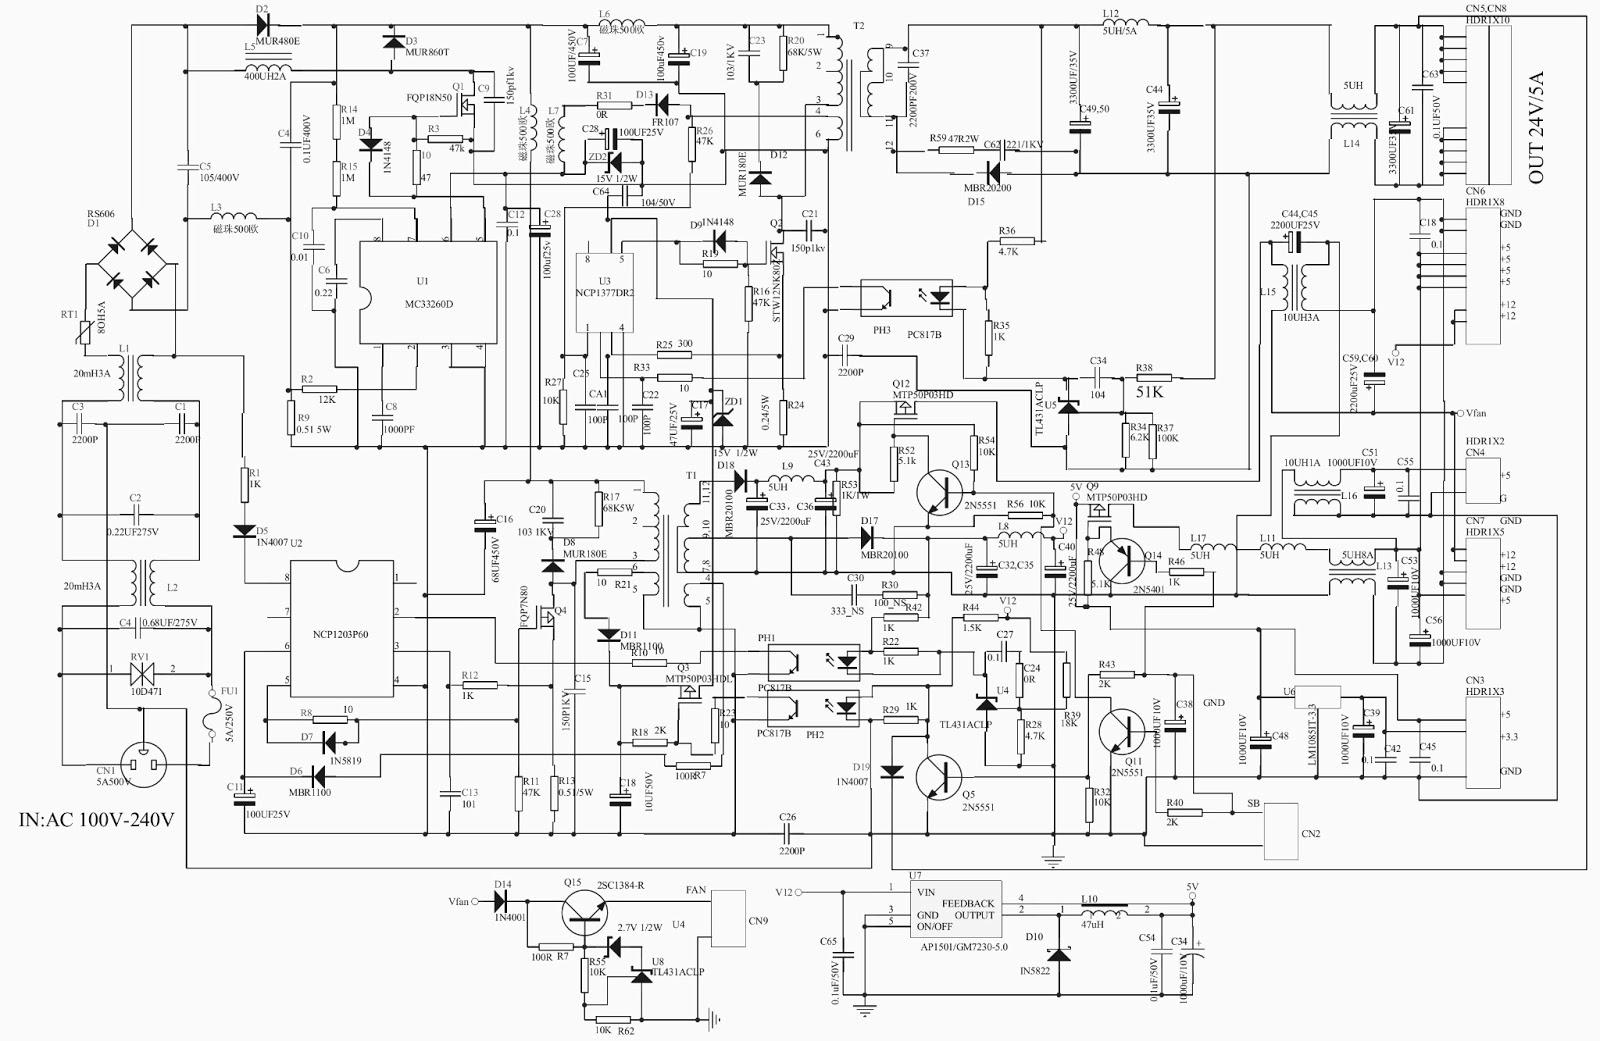 Tv Circuit Board Diagram Pdf - Wiring Diagrams Dock